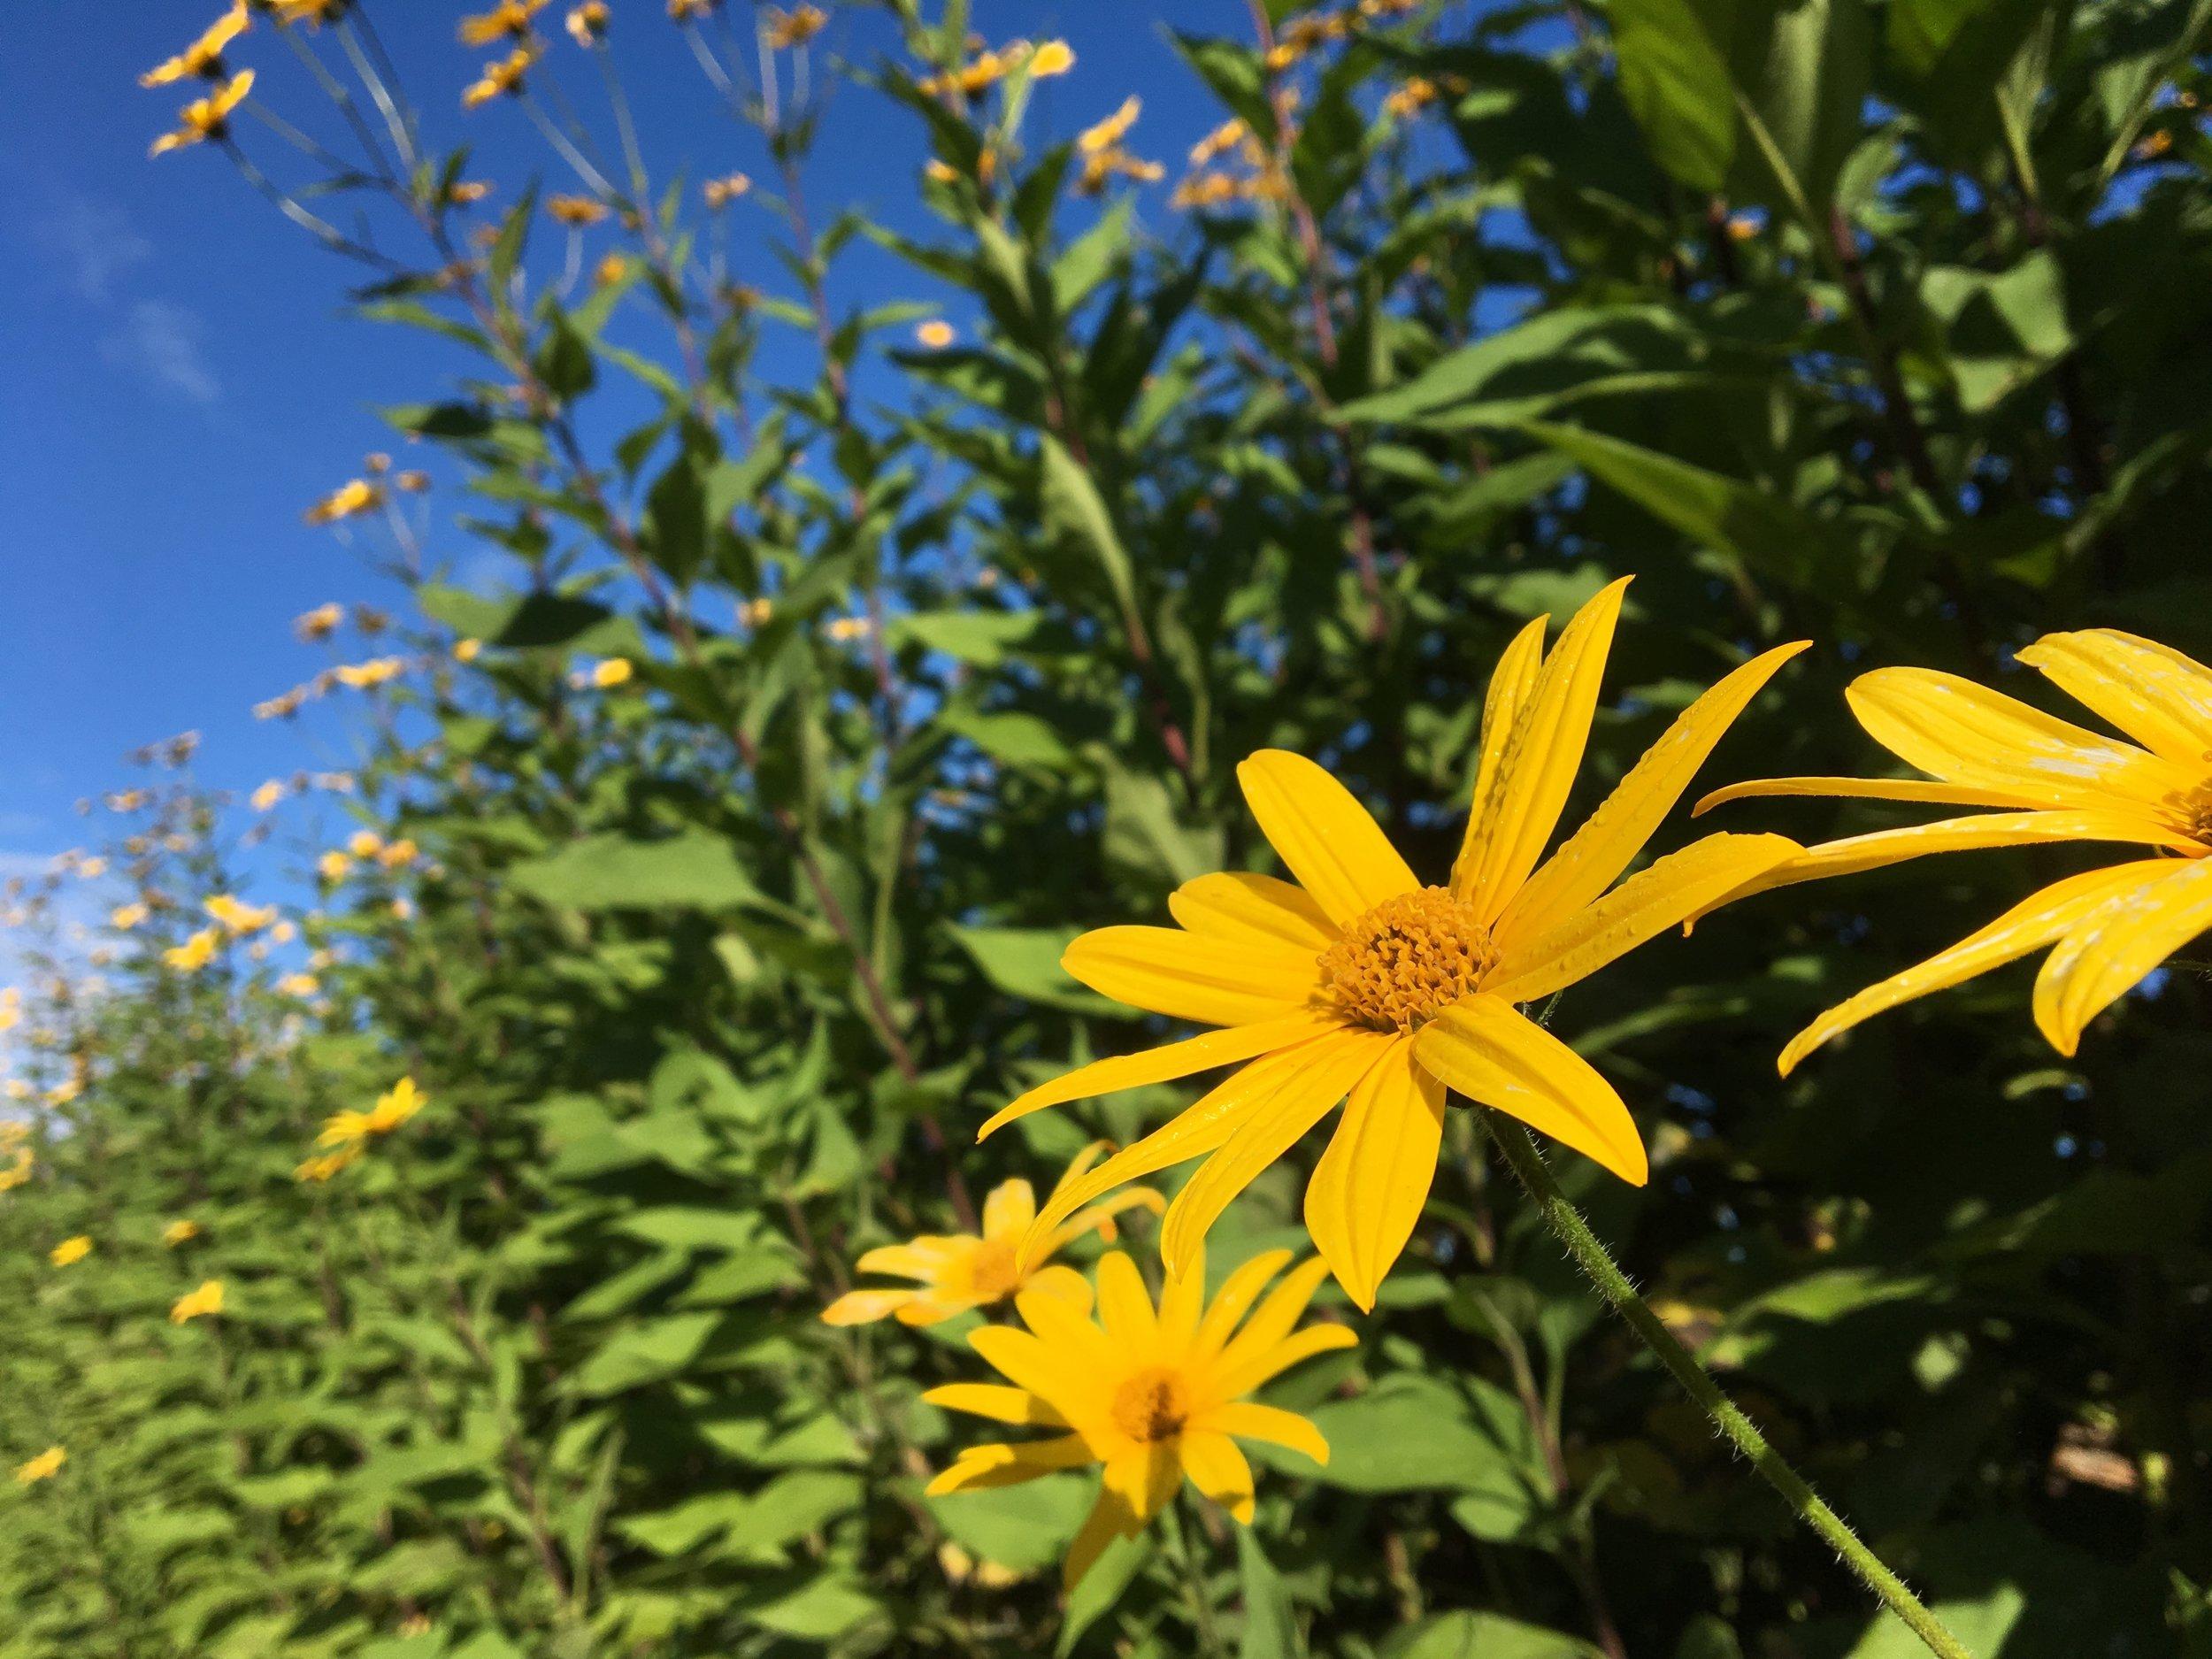 Sunchoke flowers in late September